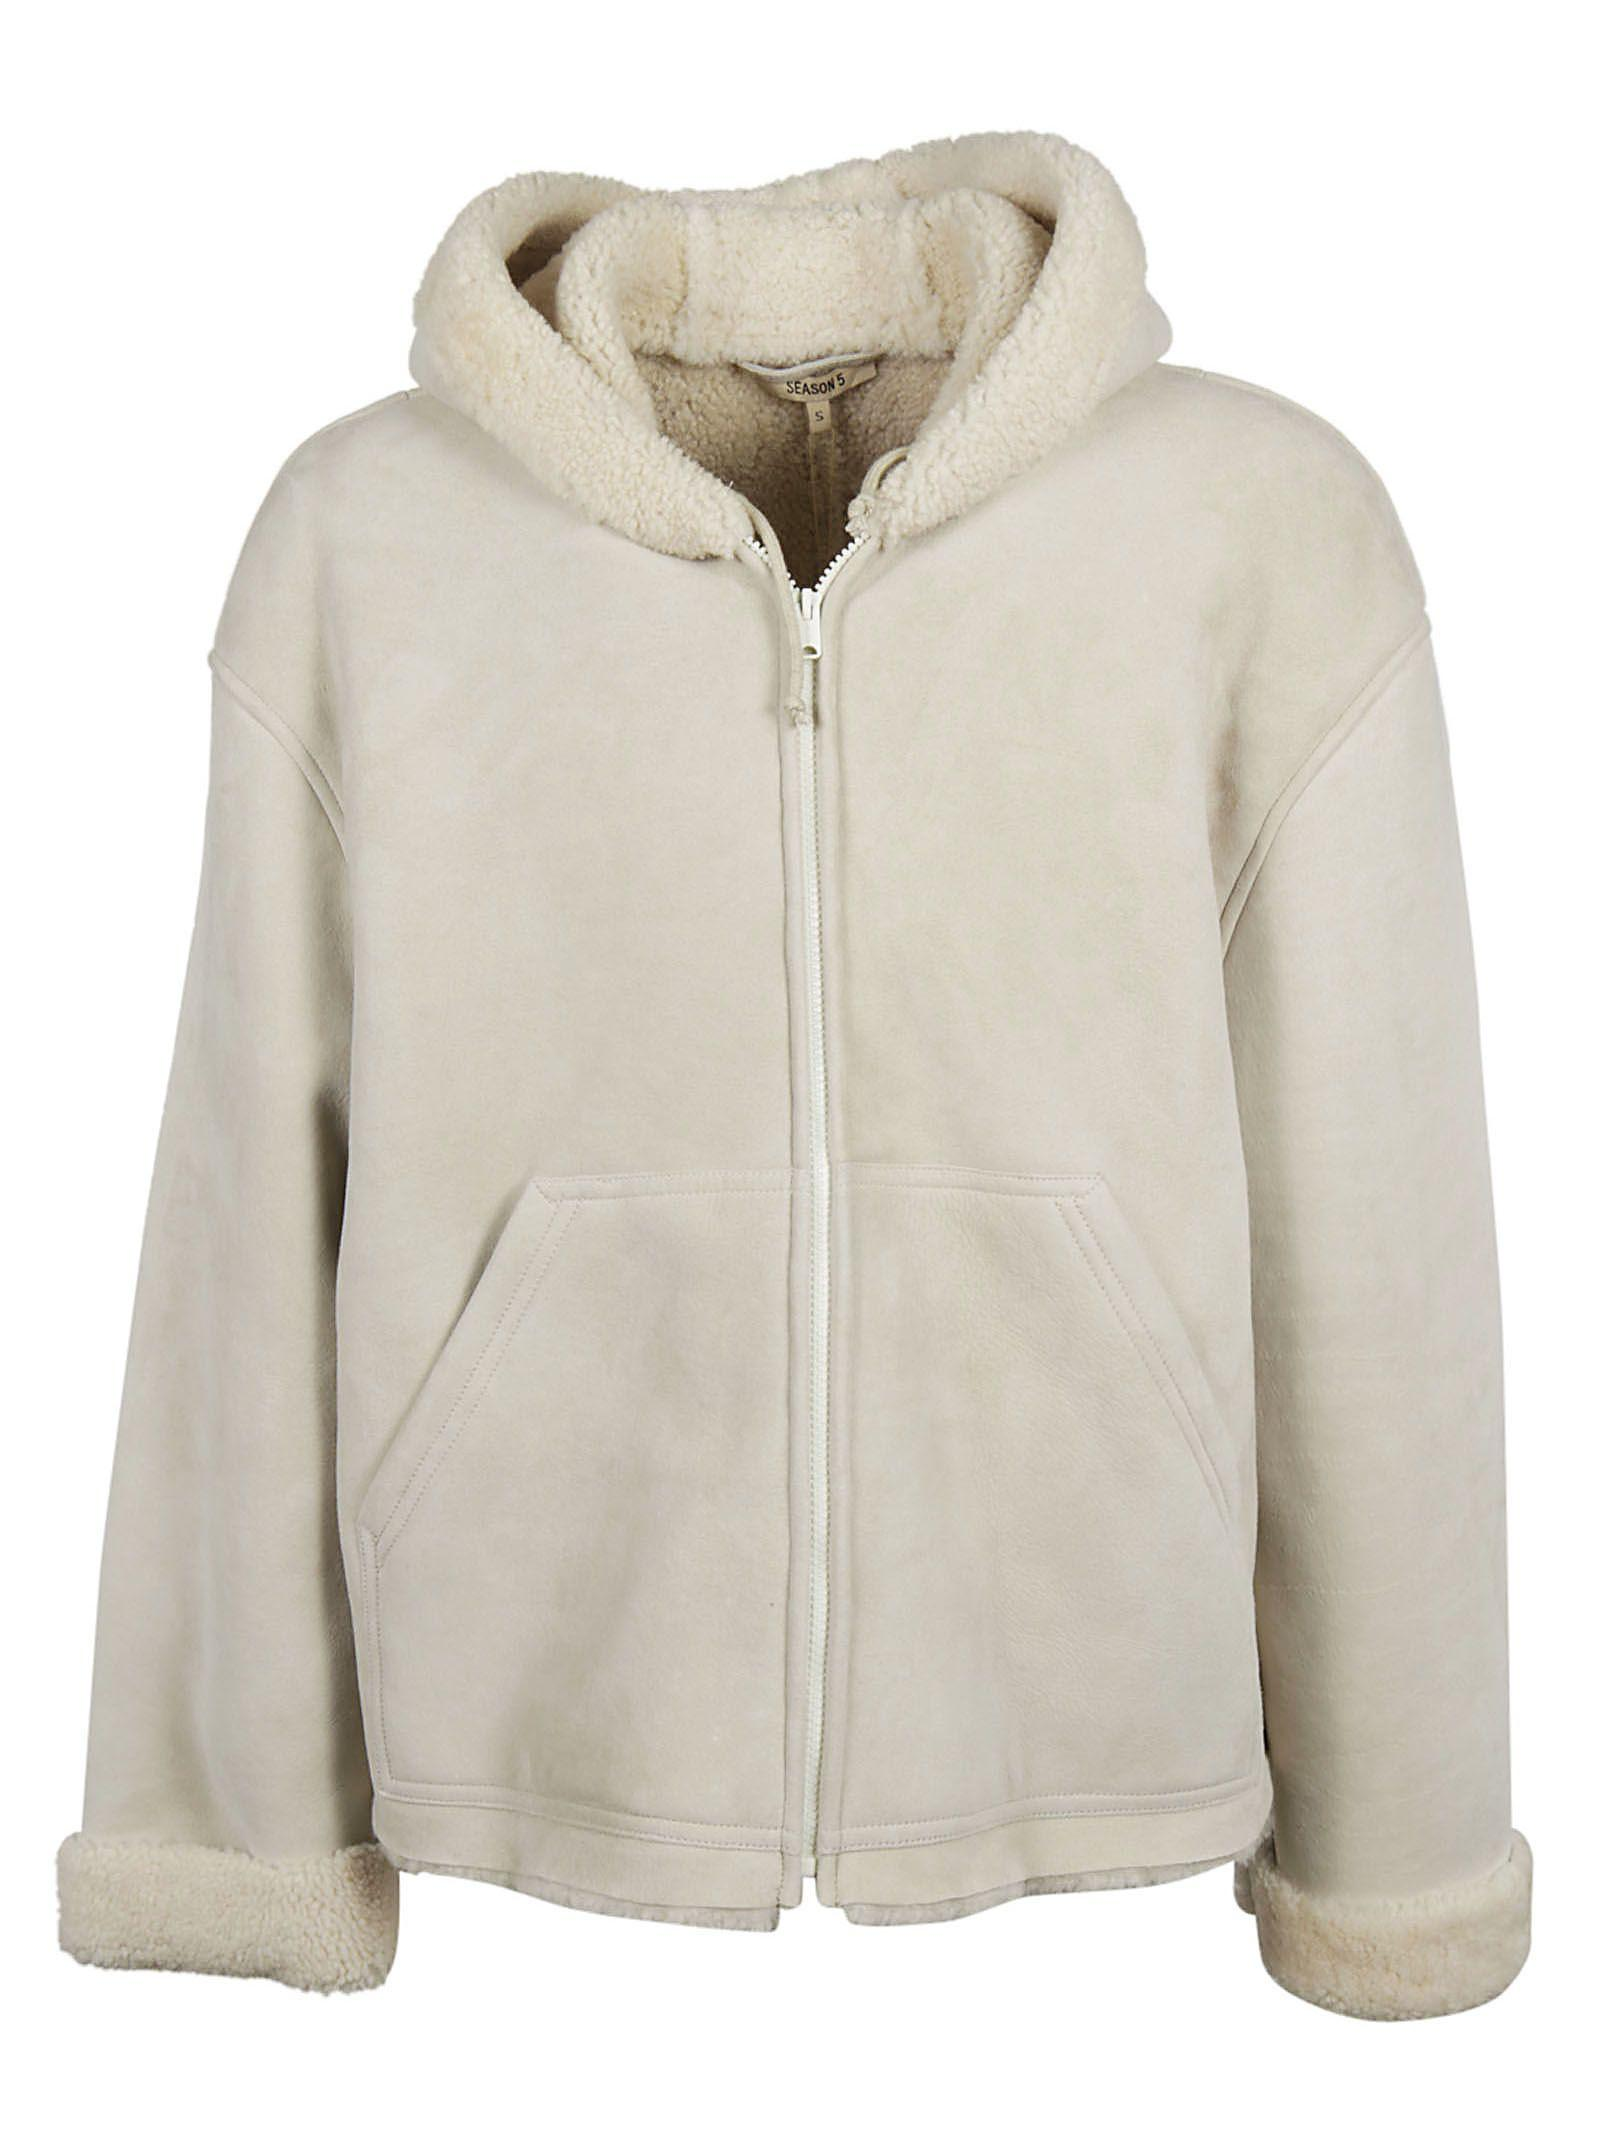 Yeezy Season 5 Hooded Shearling Jacket In Birch